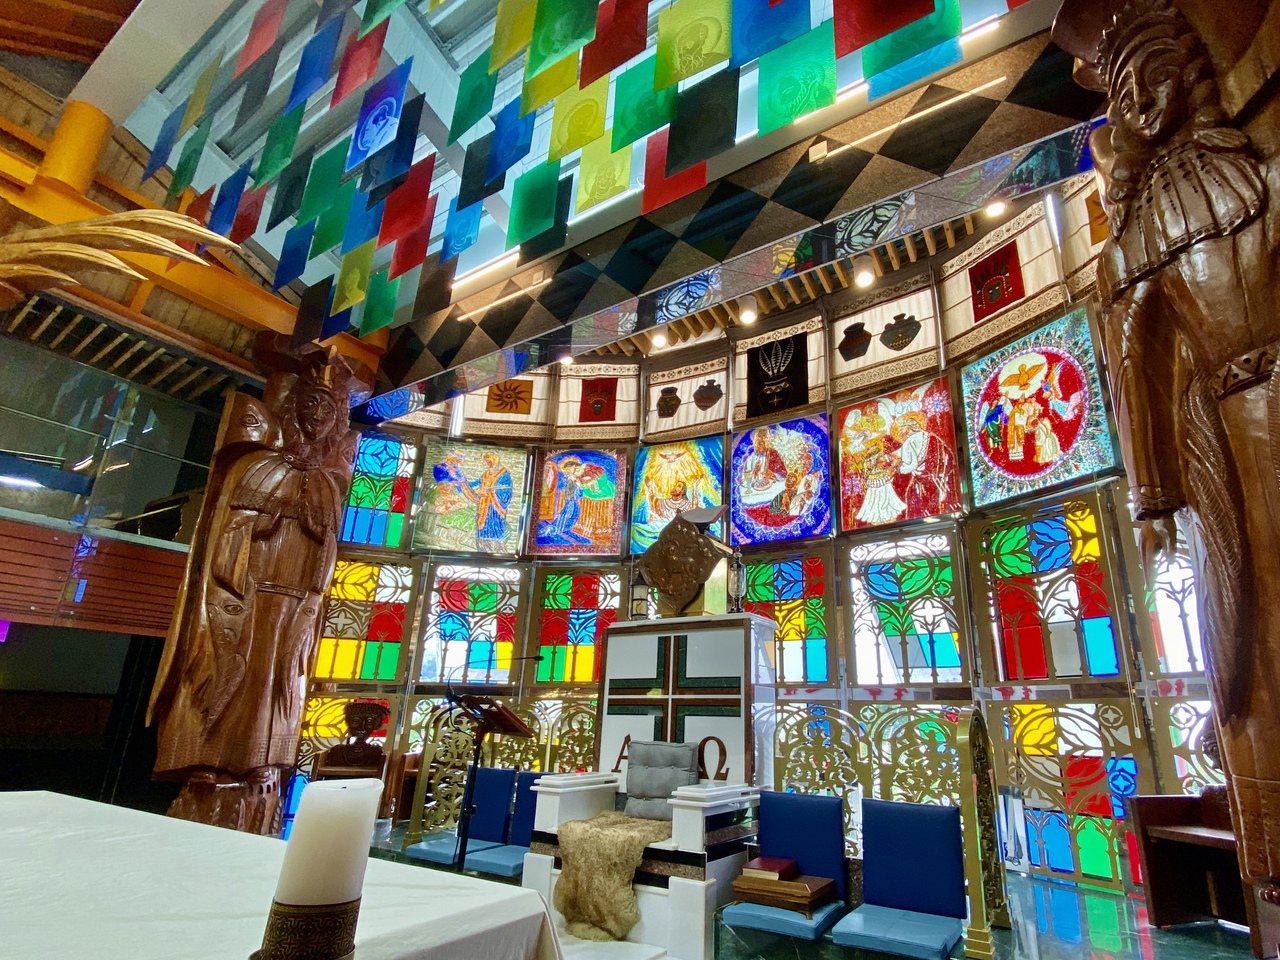 祭壇背景以馬克玻璃闡述天主教領洗、堅振、聖體、懺悔、敷油、聖秩、婚姻等7件聖事。...